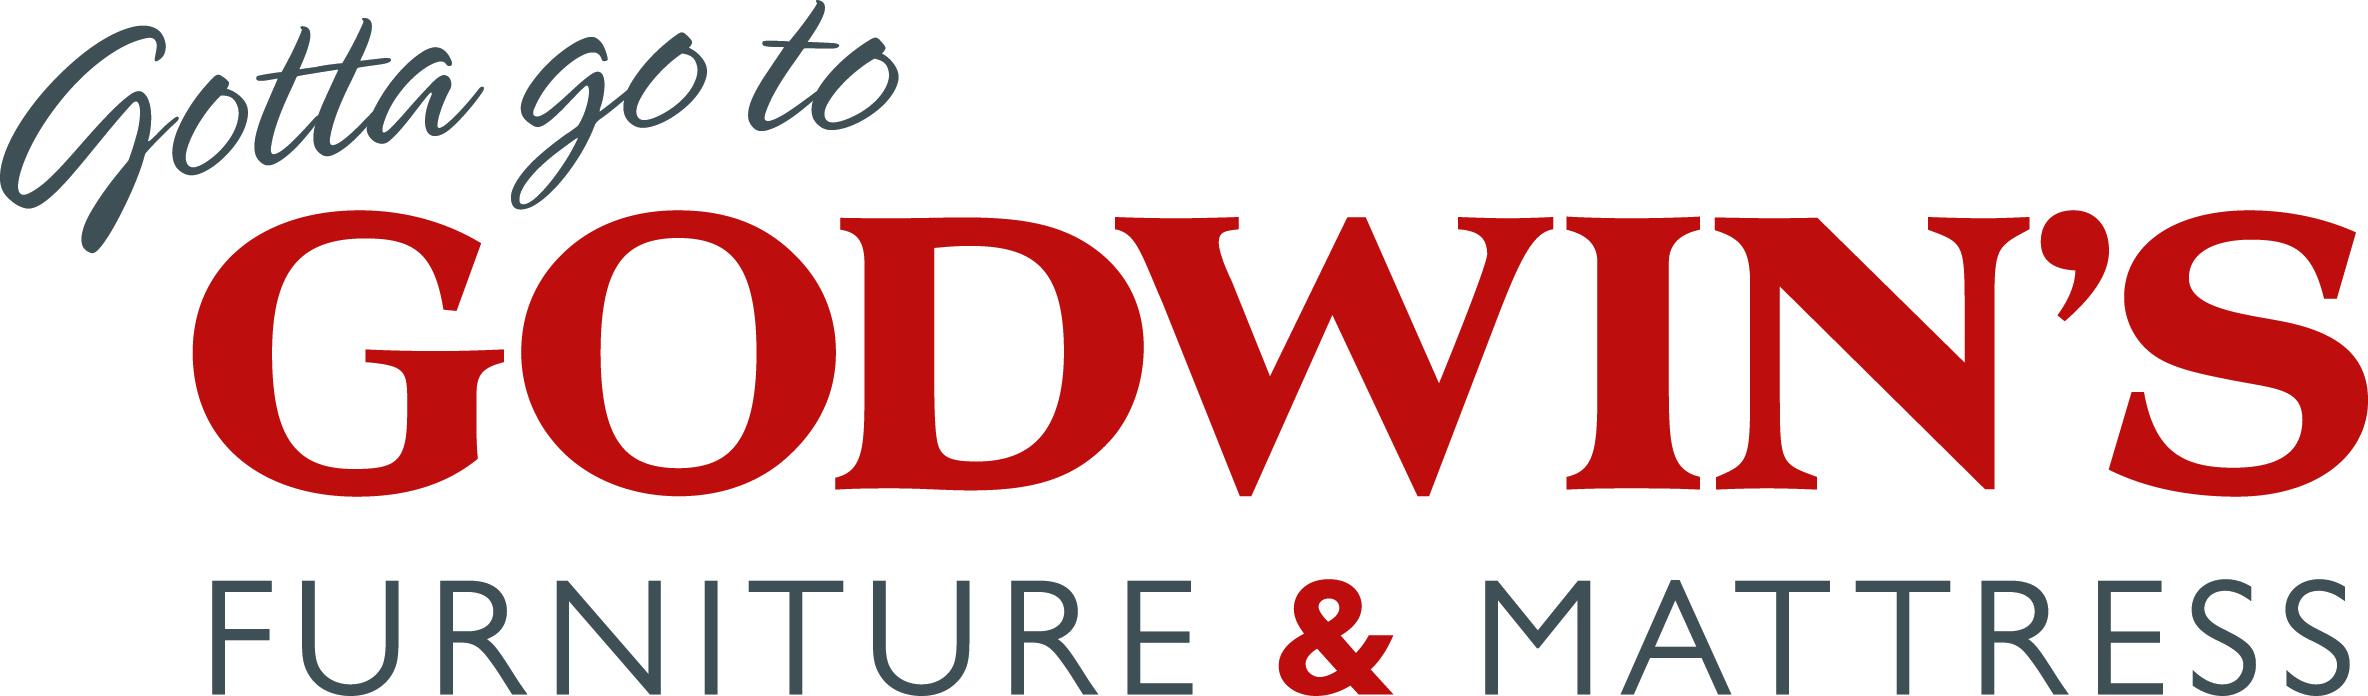 Godwin's Furniture & Mattress